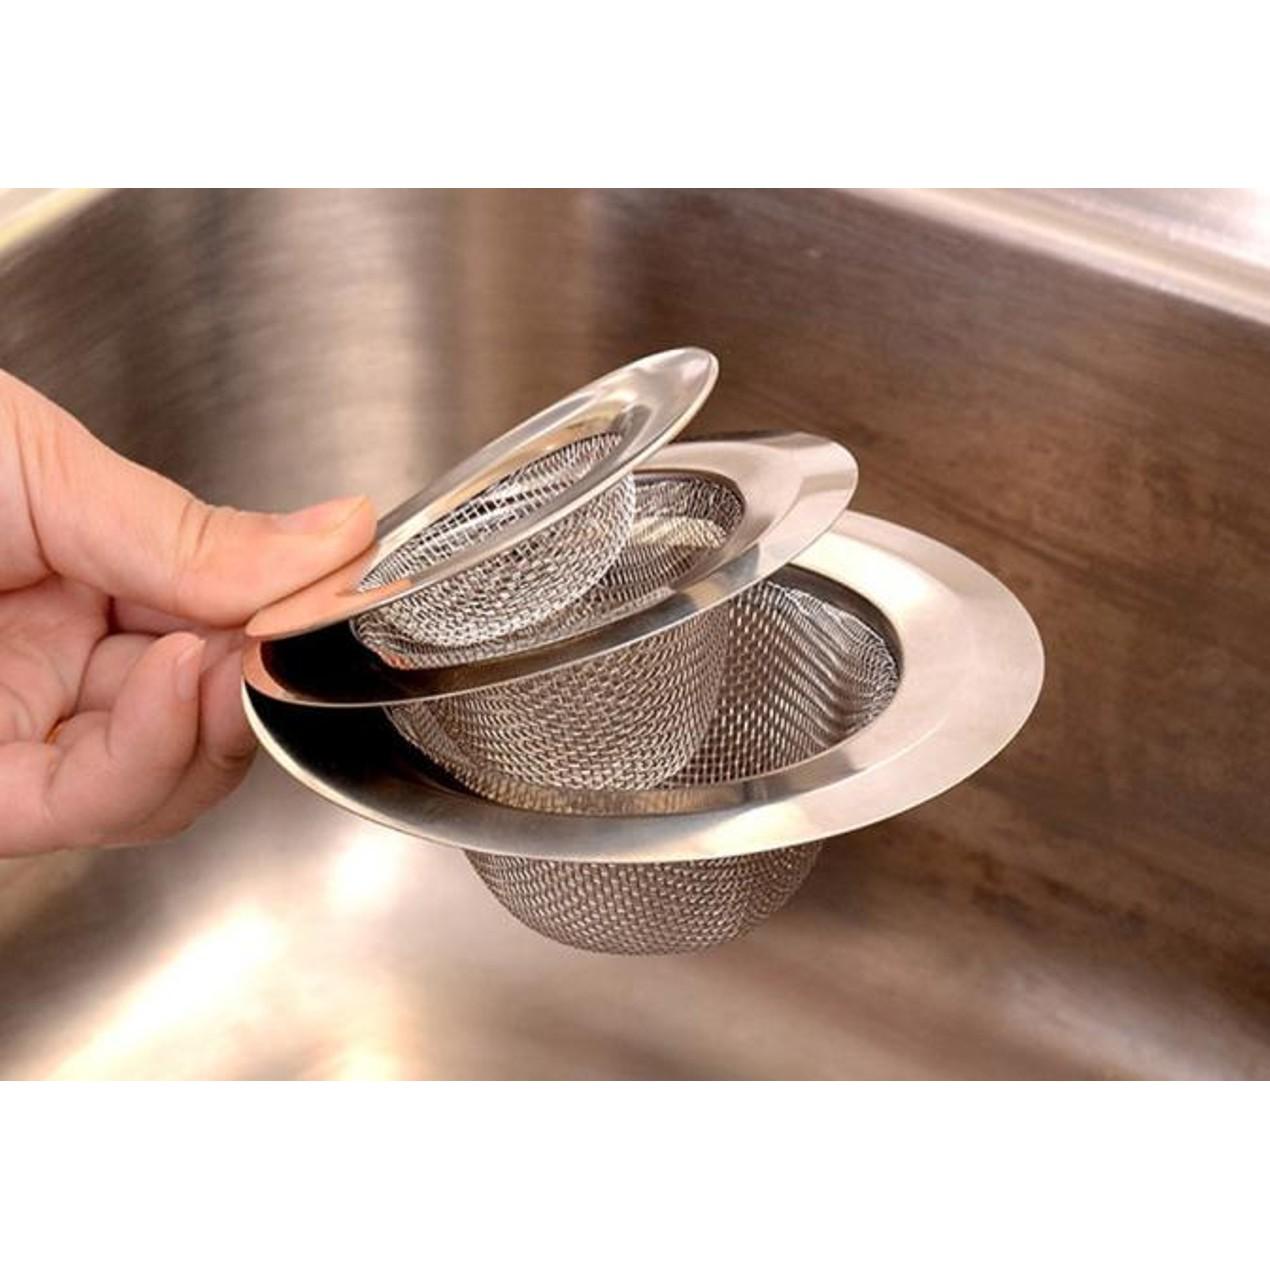 Home Kitchen Sink Drain Strainer Stainless Steel Mesh Basket